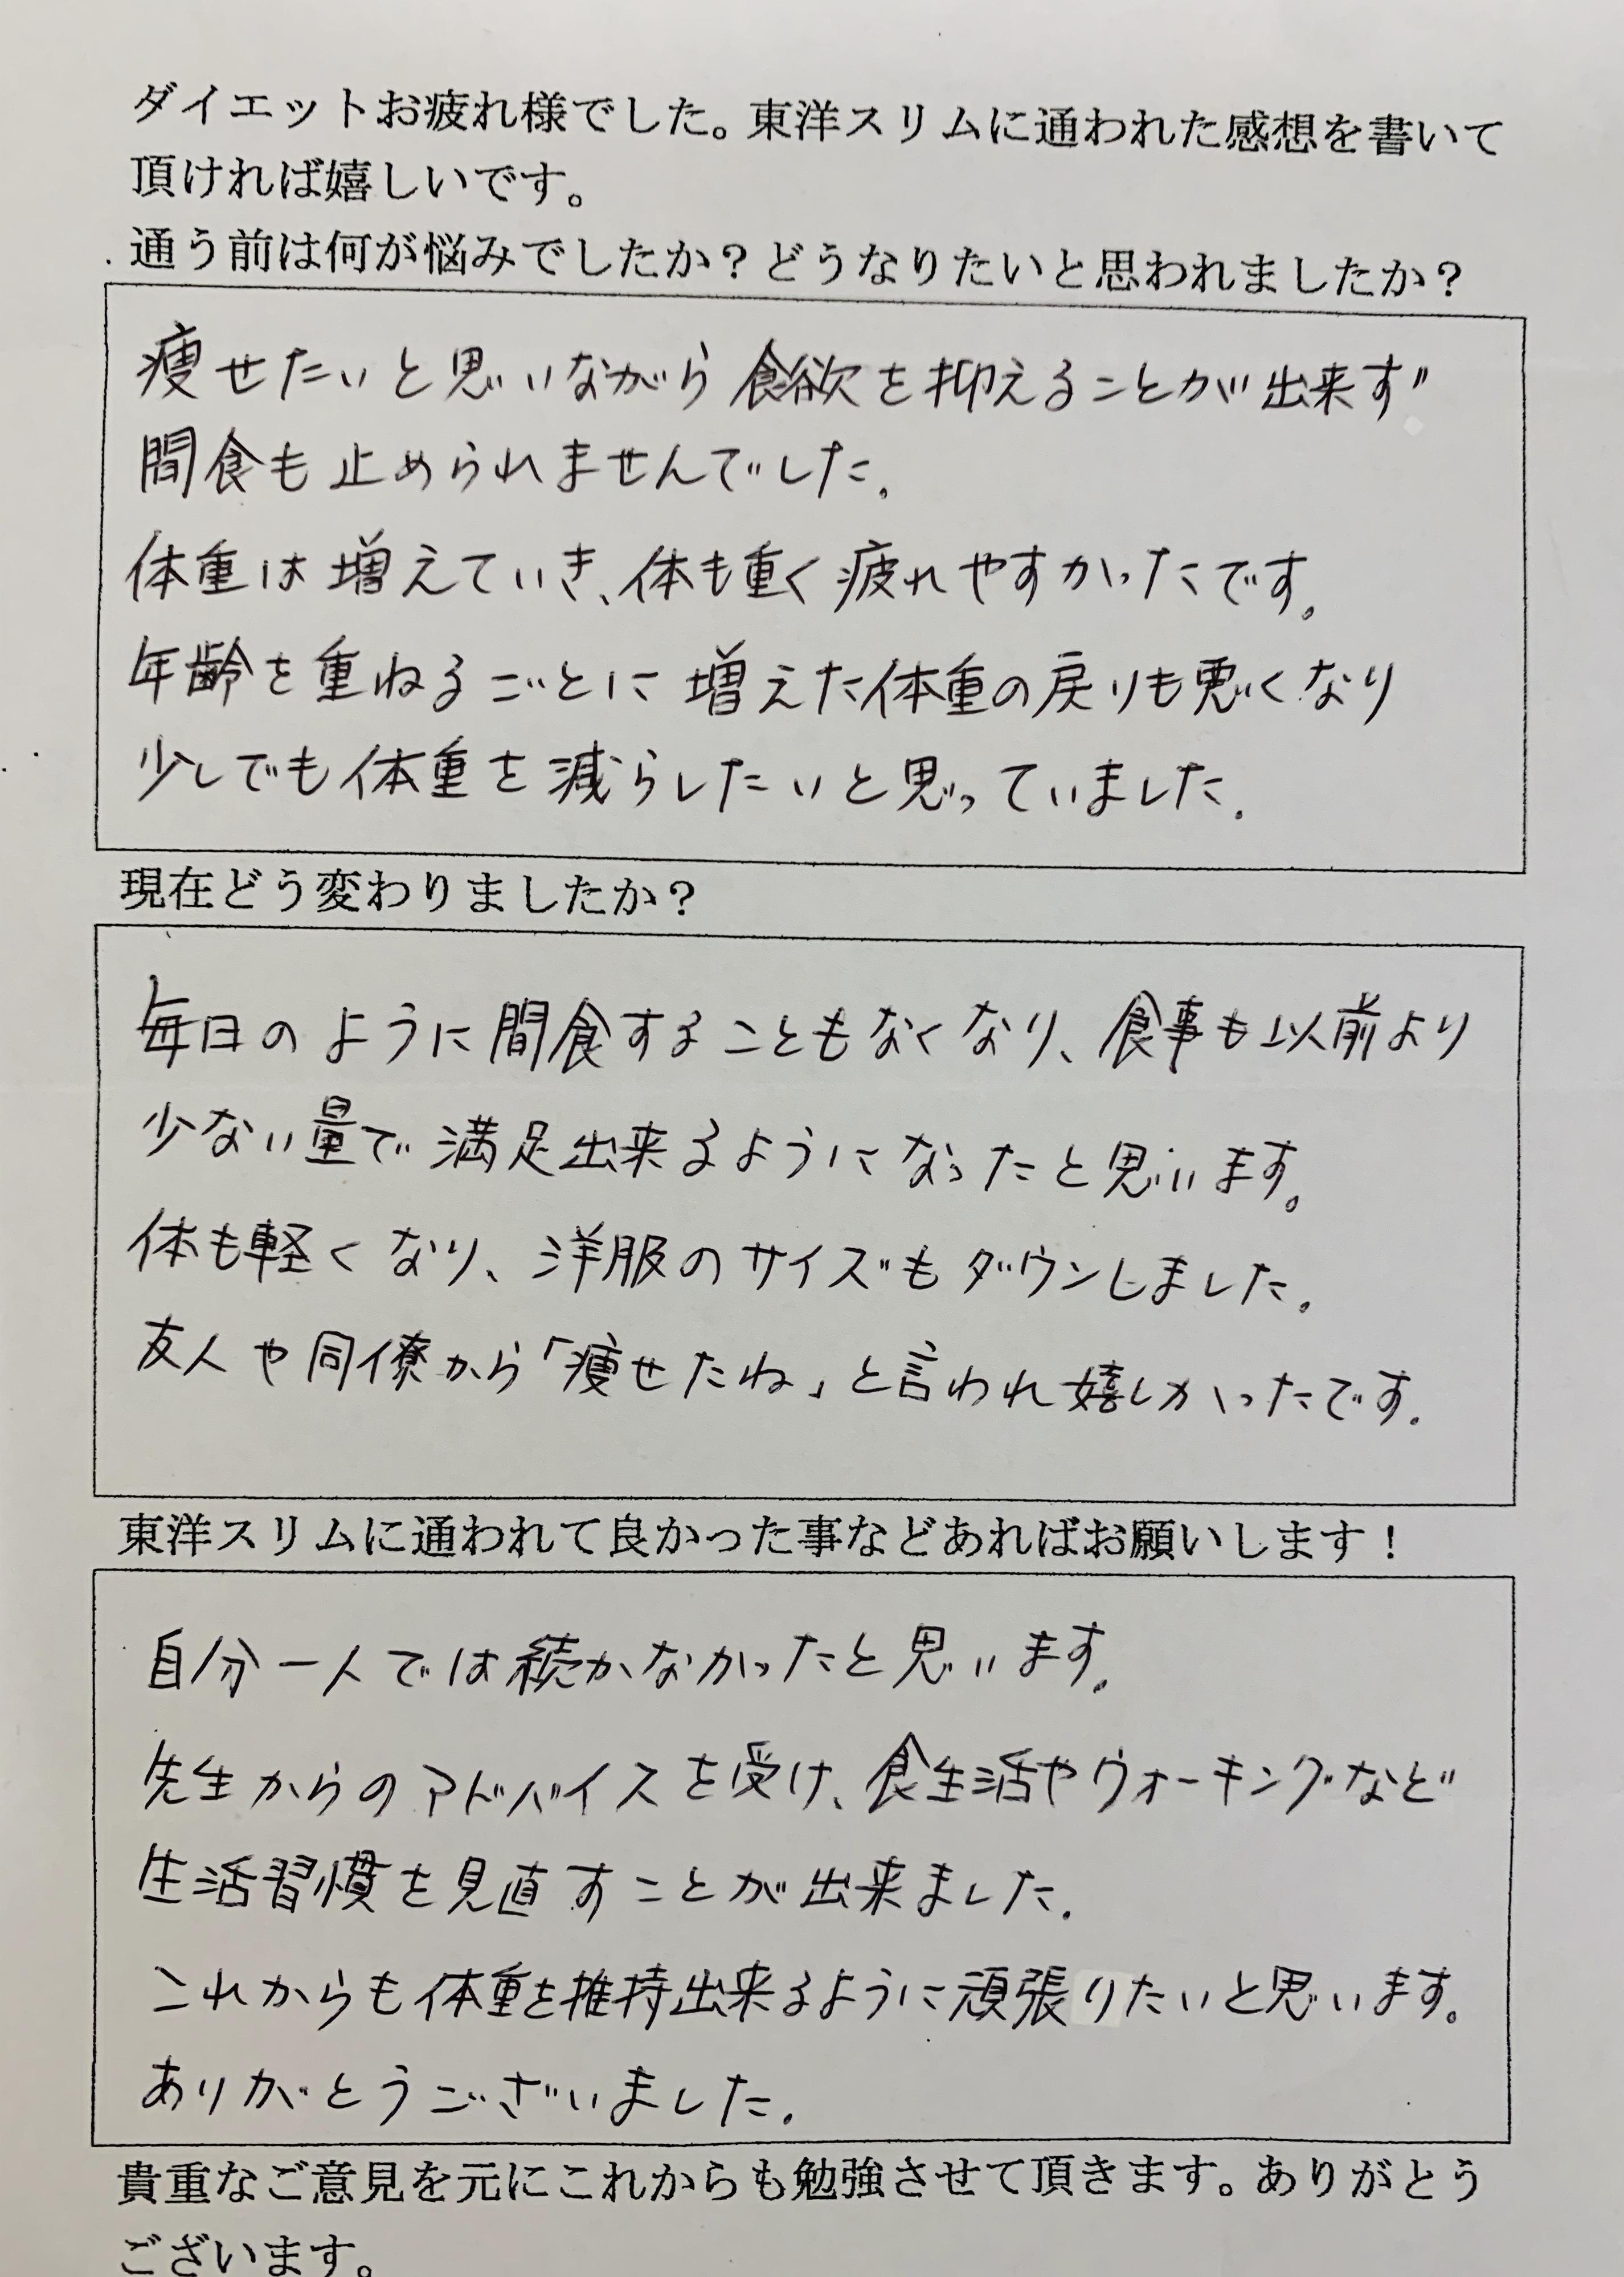 [皆様の声]大阪市住吉区Iさん(40代前半)耳つぼダイエット 食事も以前より少ない量で満足できるようになりました。